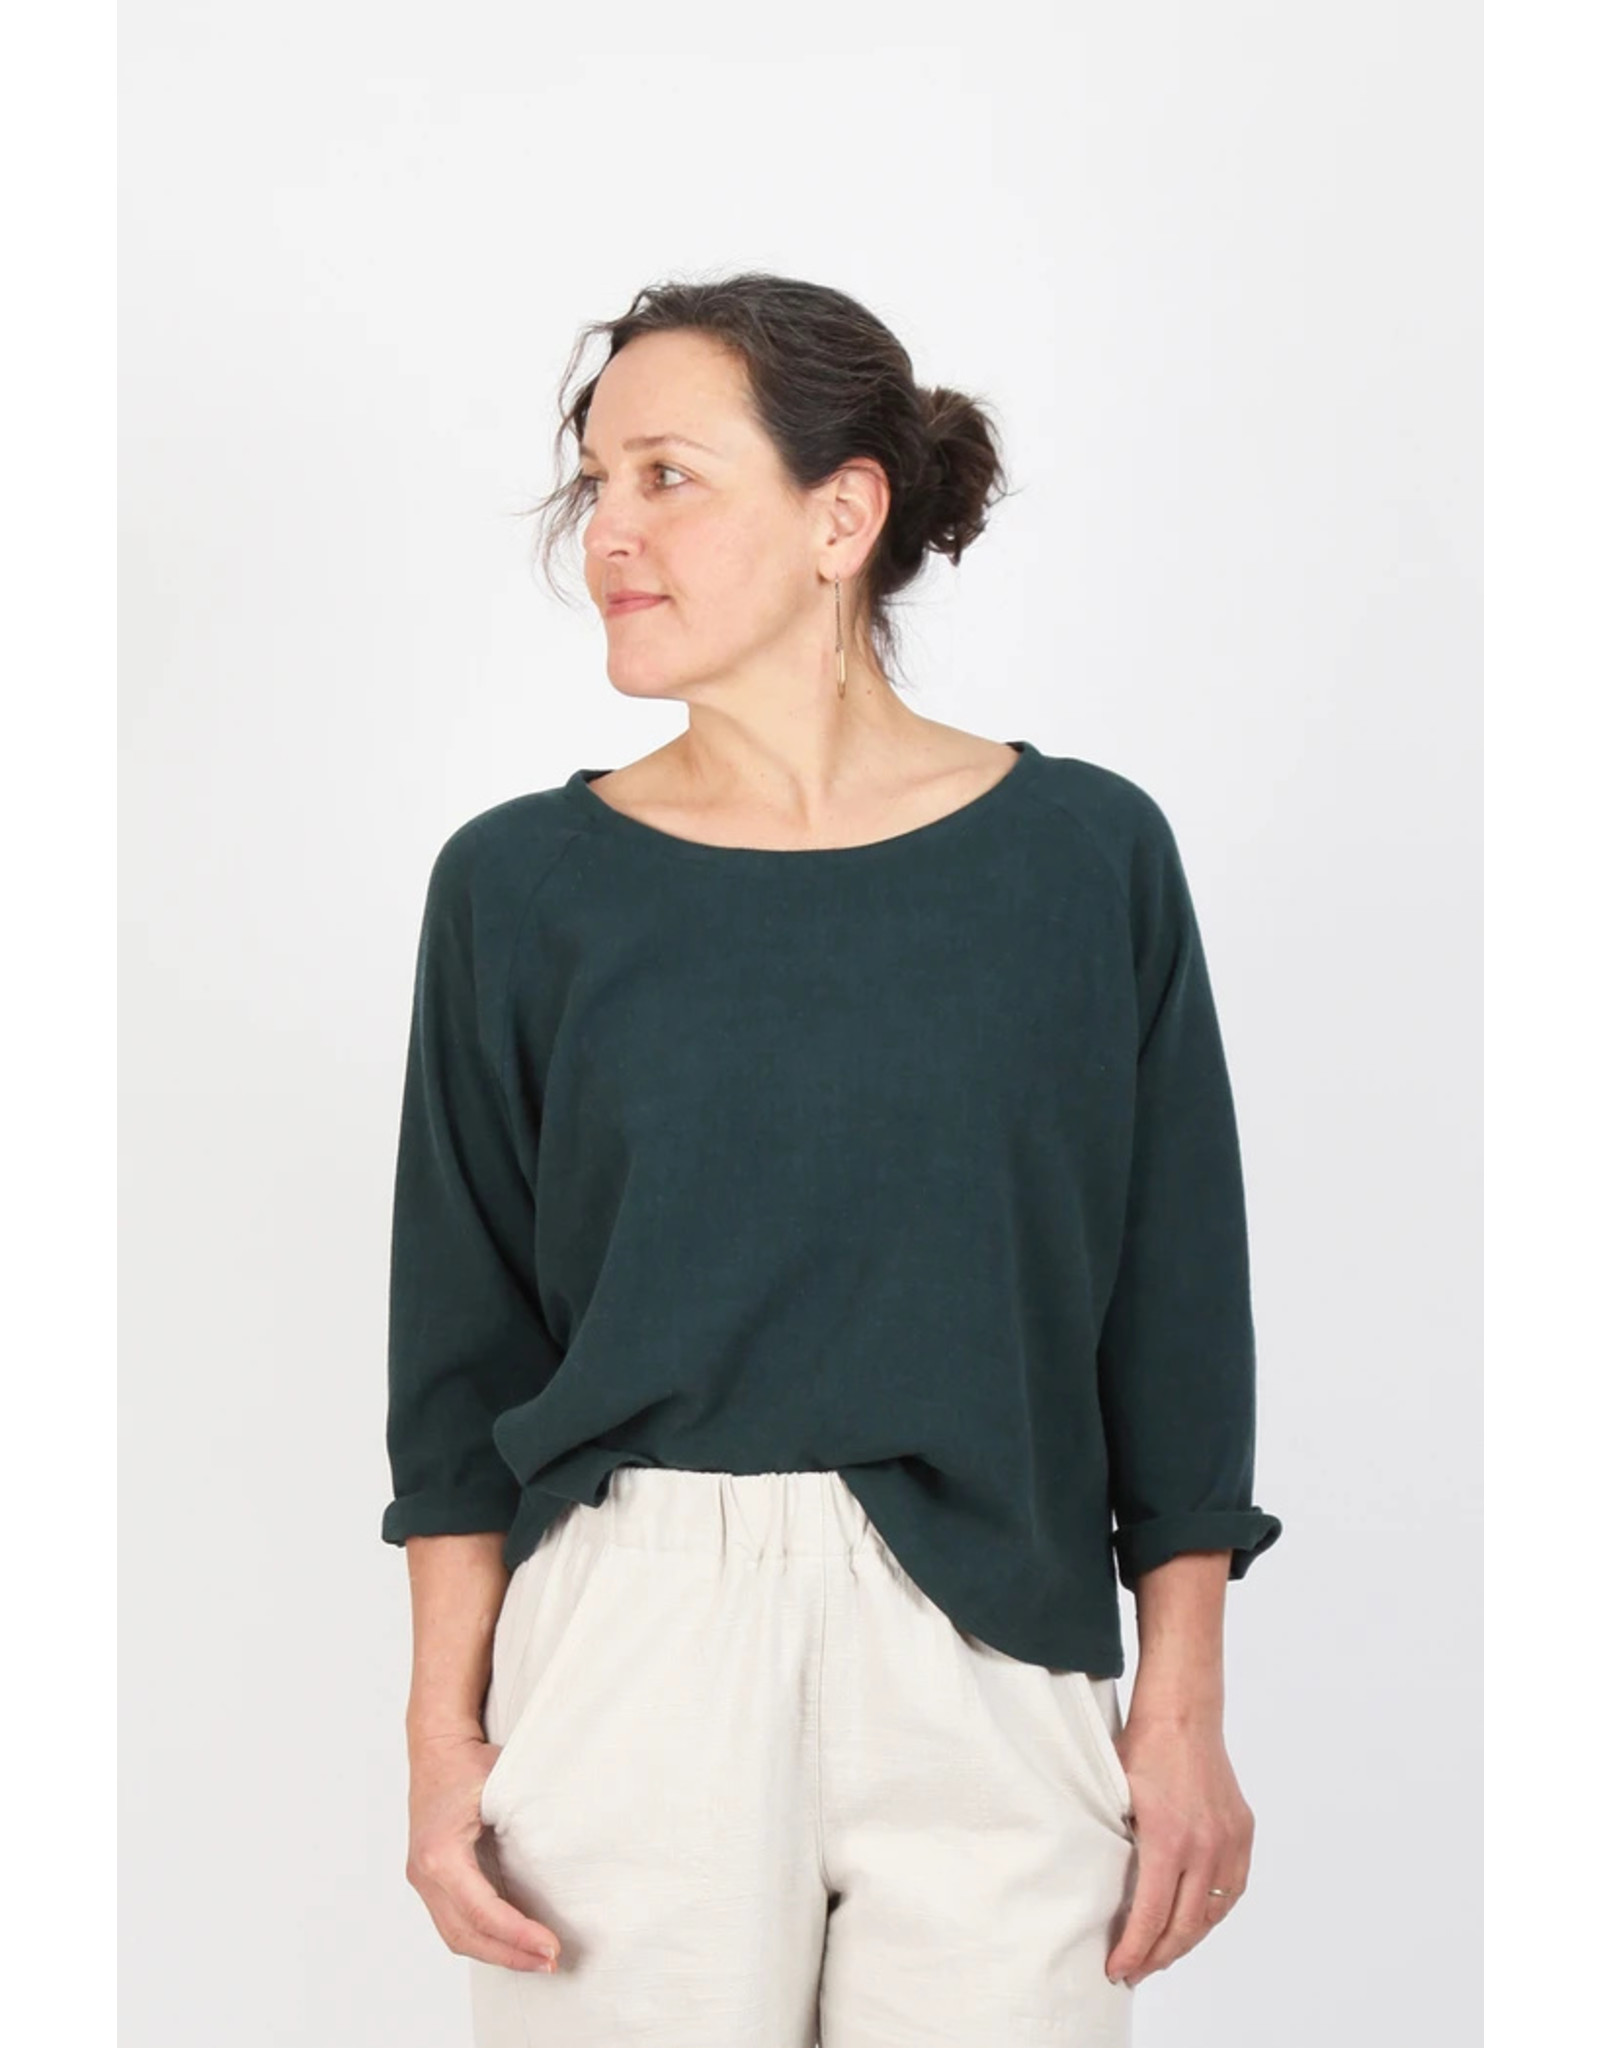 Sew House Seven The Remy Raglan Shirt Pattern